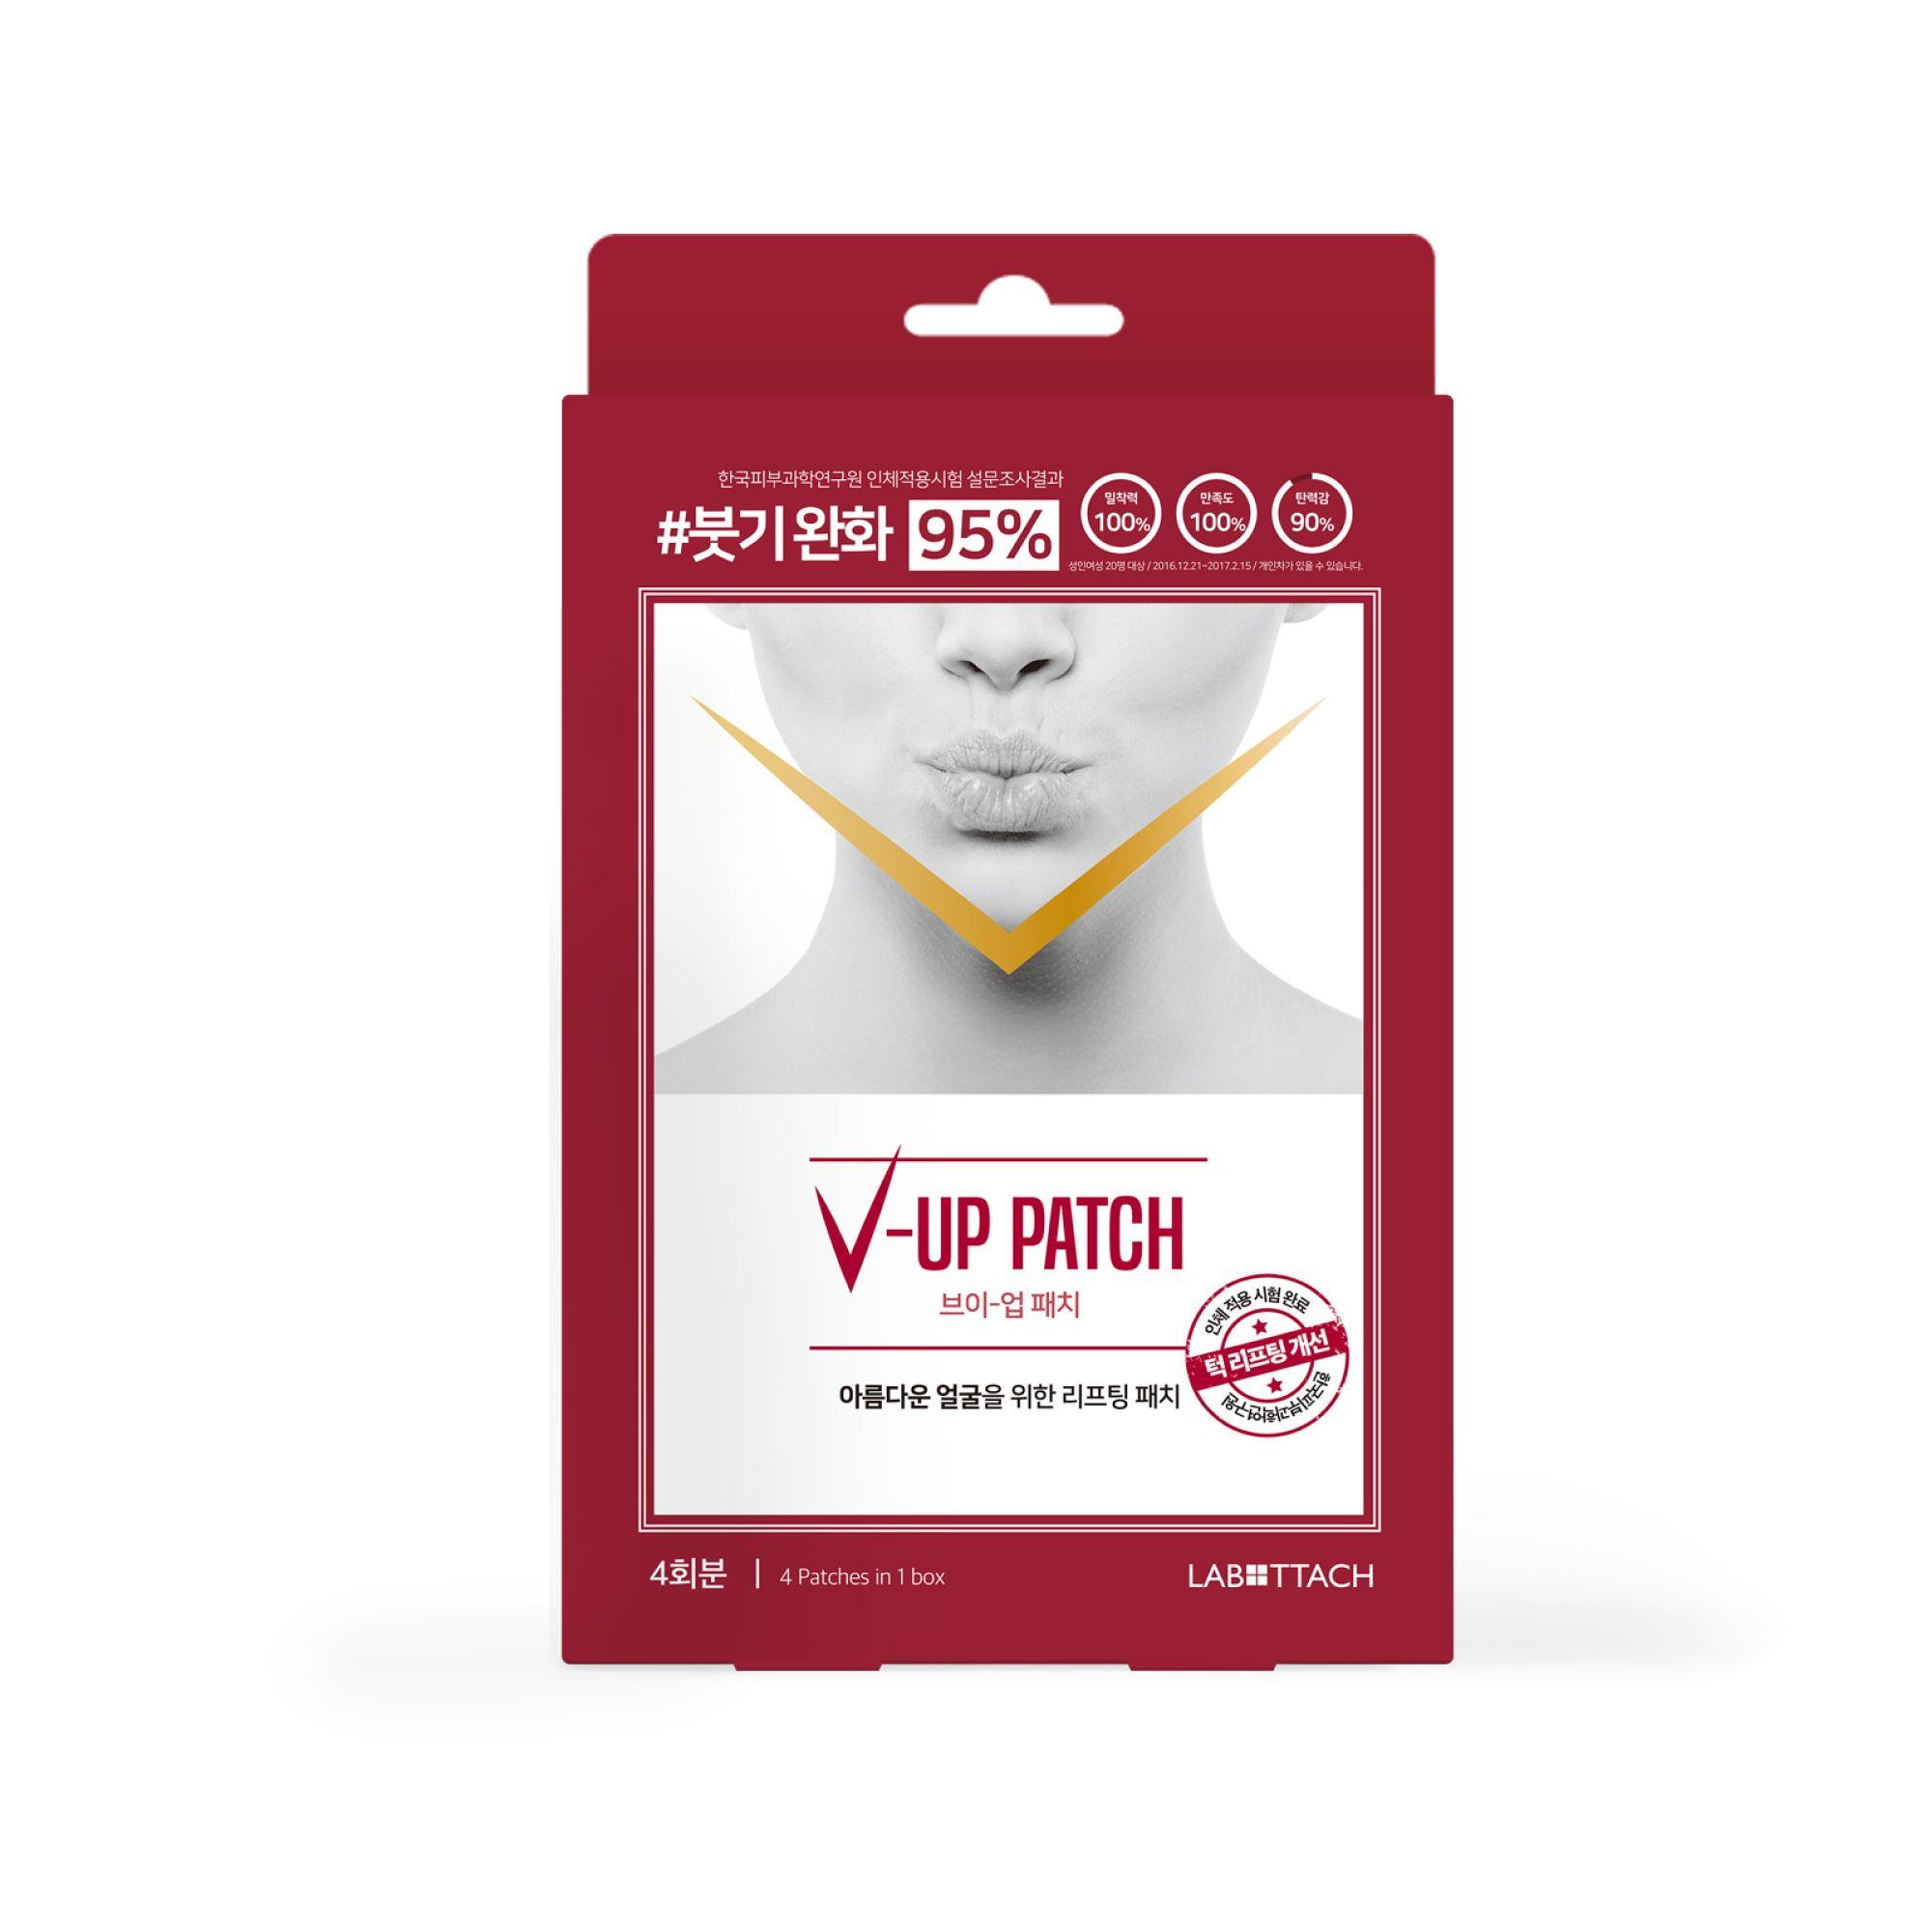 V-Up Patch